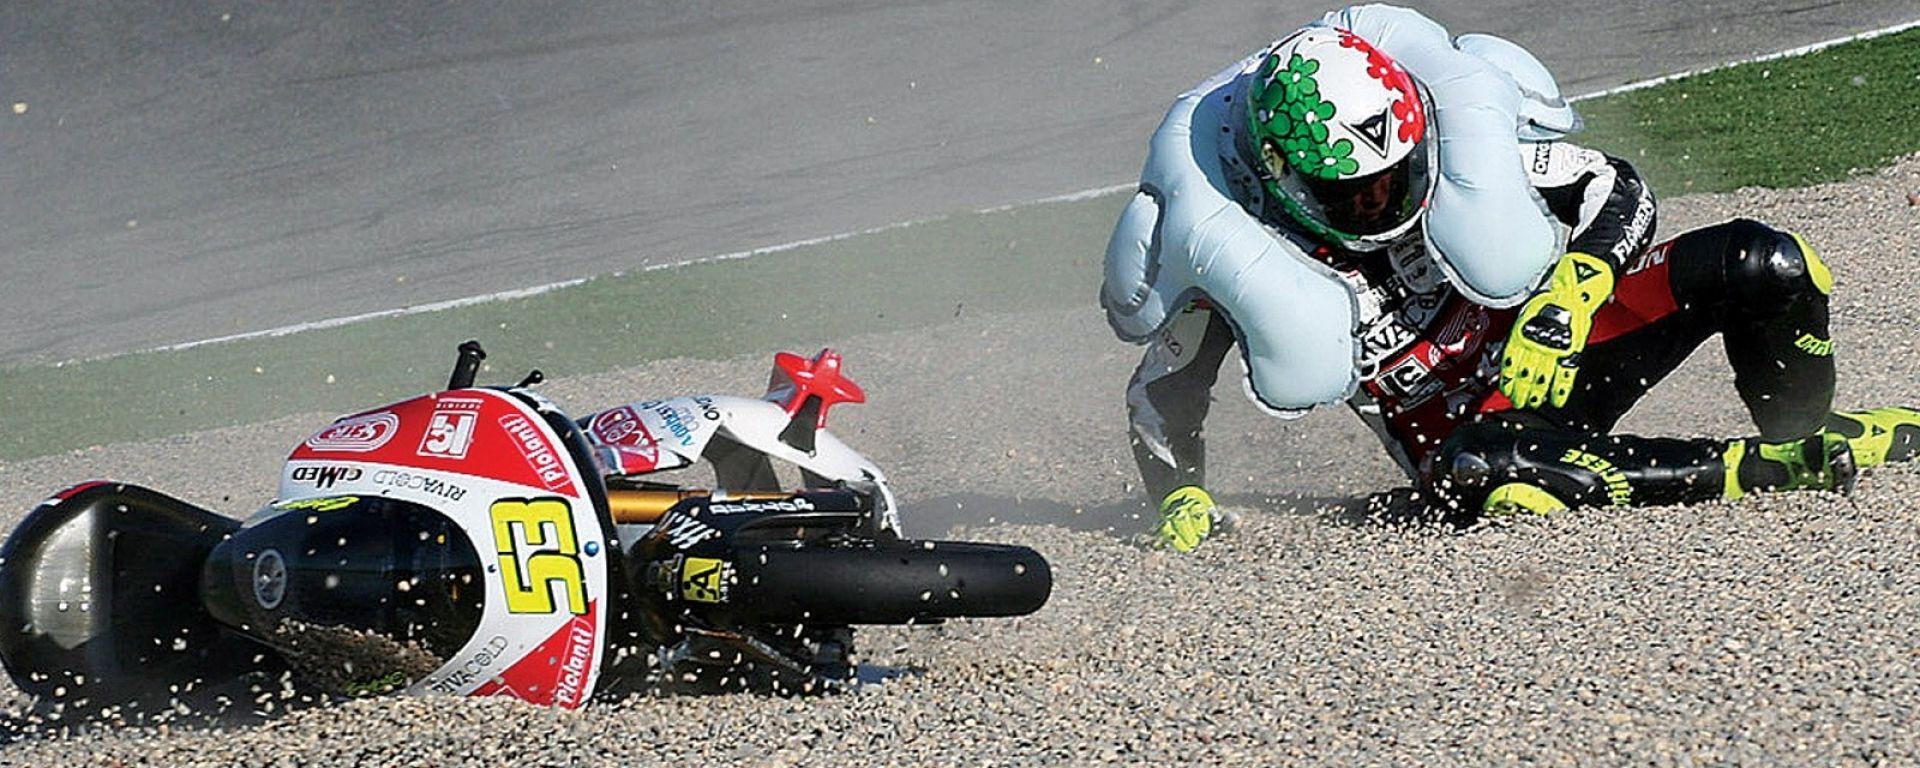 MotoGP 2018: le tute con airbag saranno obbligatorie dalla ...